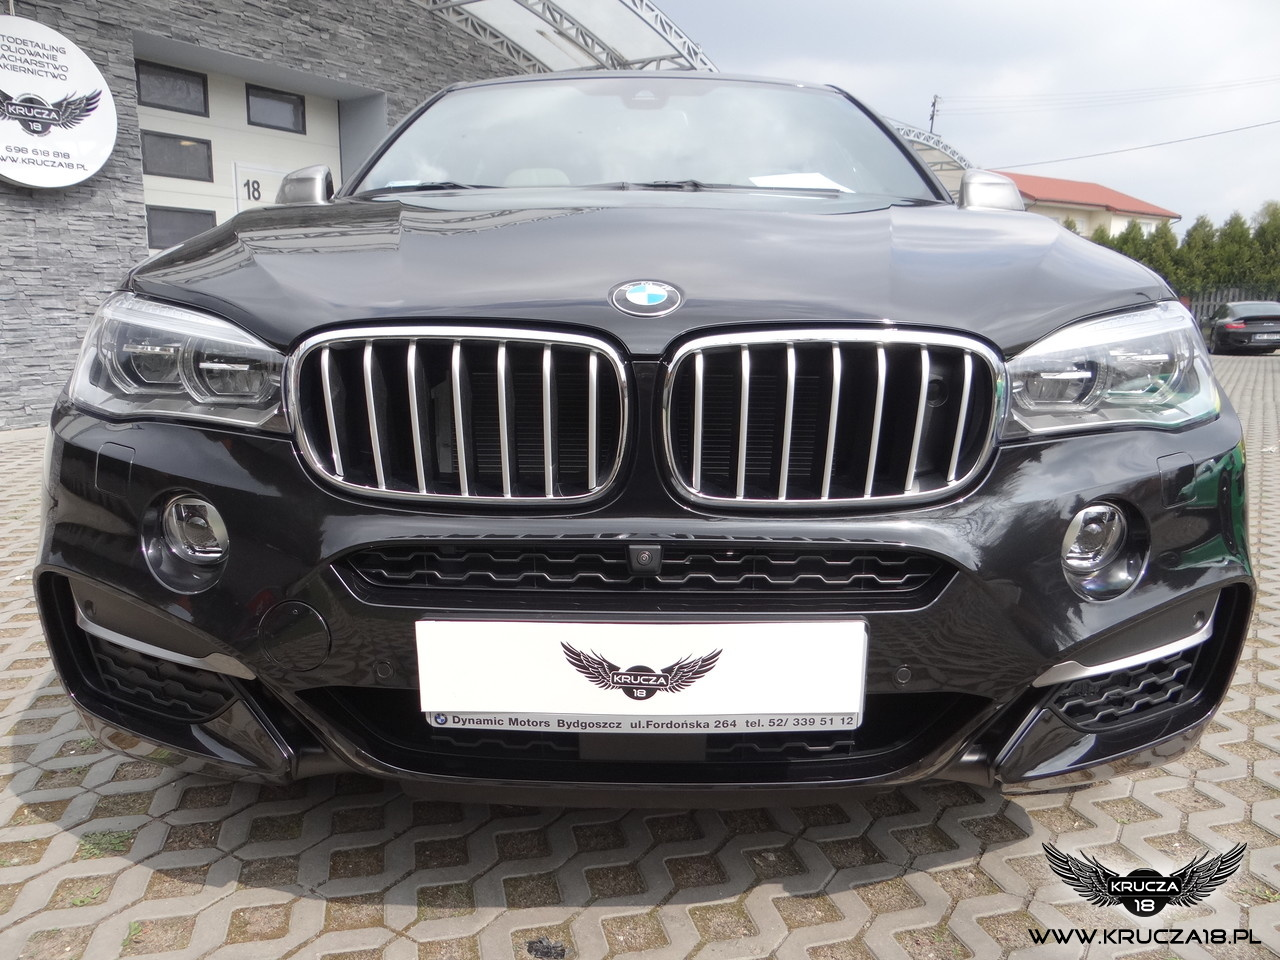 BMW X6 M : zabezpieczenie lakieru bezbarwną folią Premium Shield : Krucza18 : Osielsko/k.Bydgoszczy